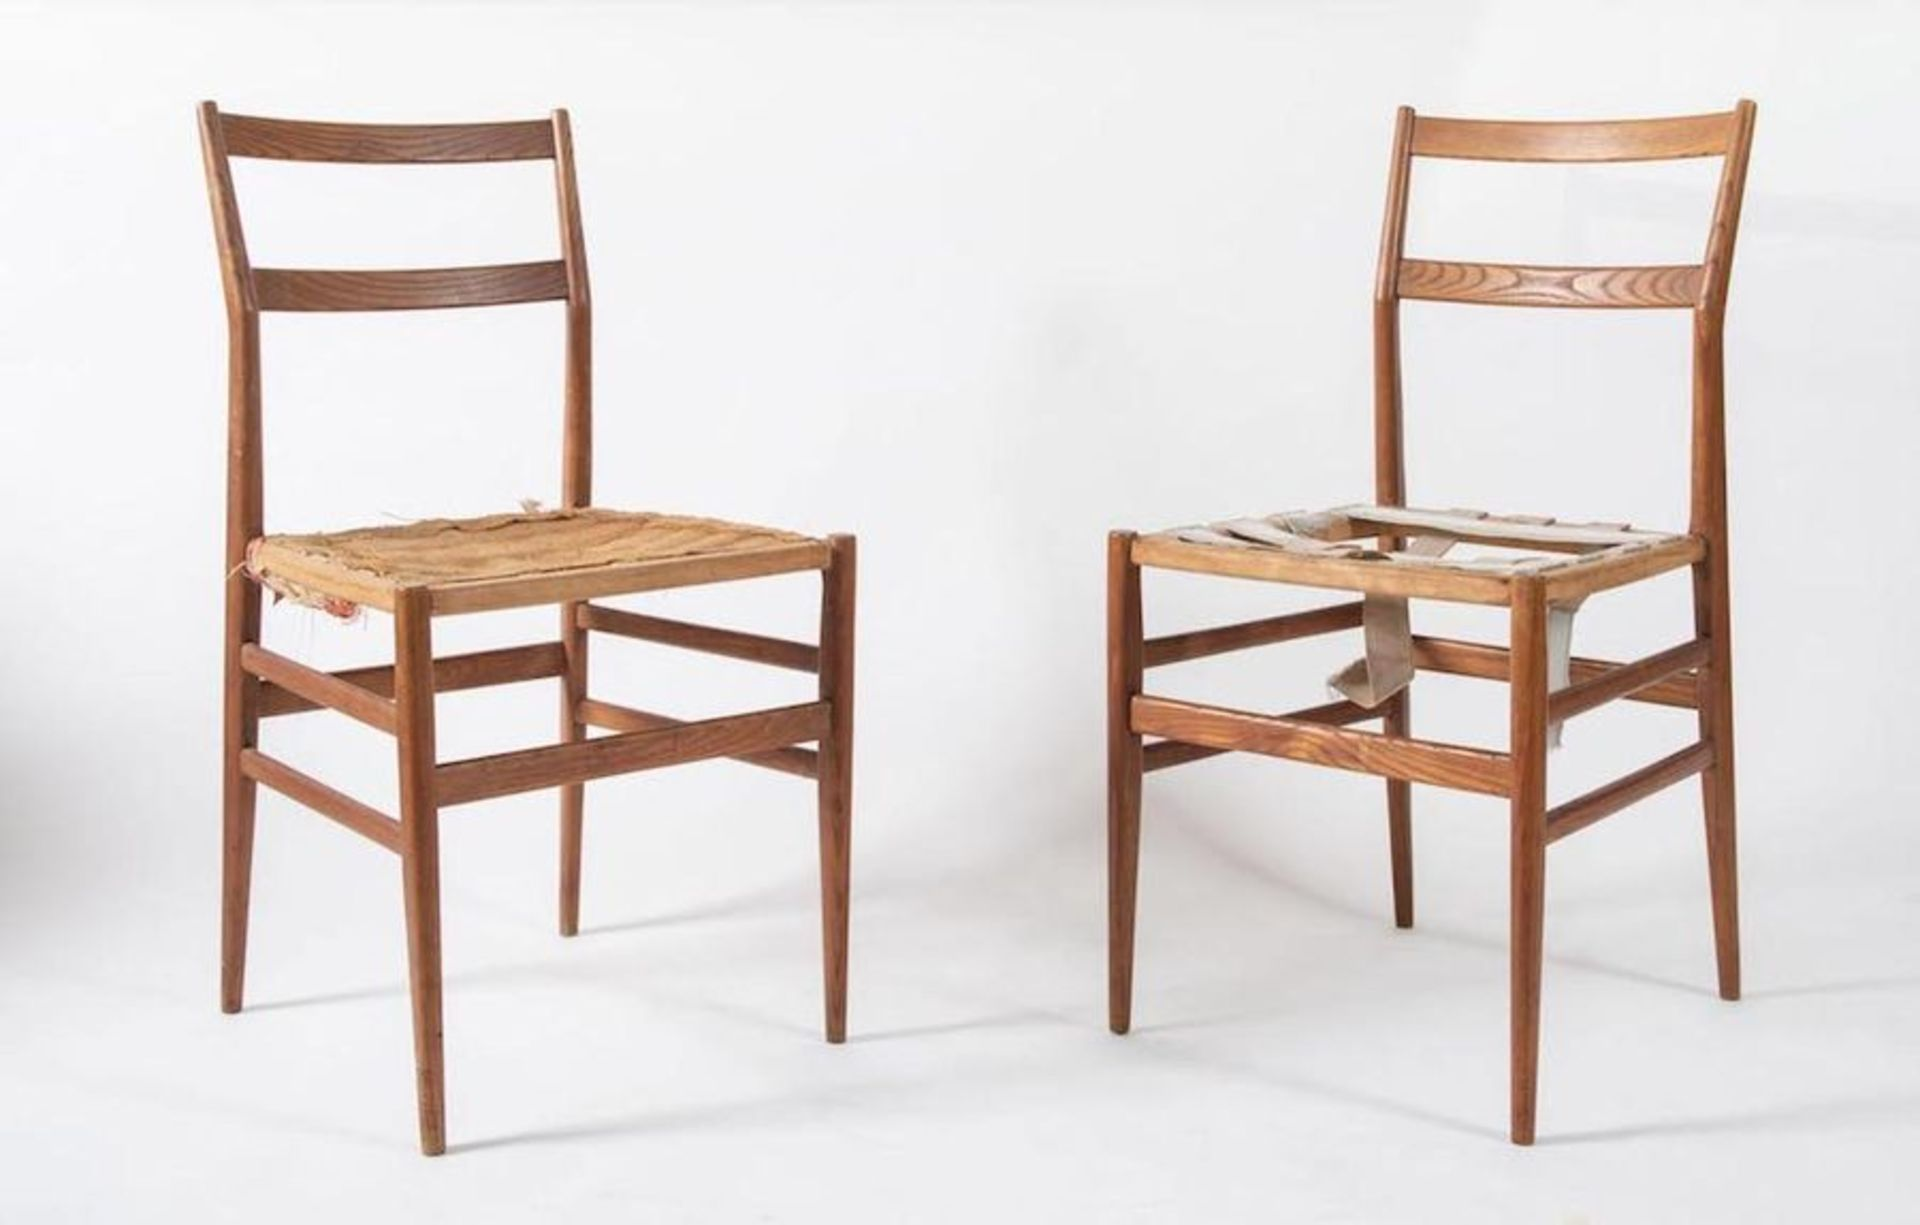 GIO PONTI Coppia di sedie in legno di frassino modello Leggera. Prod. Cassina, Italia, 1957 ca. Cada